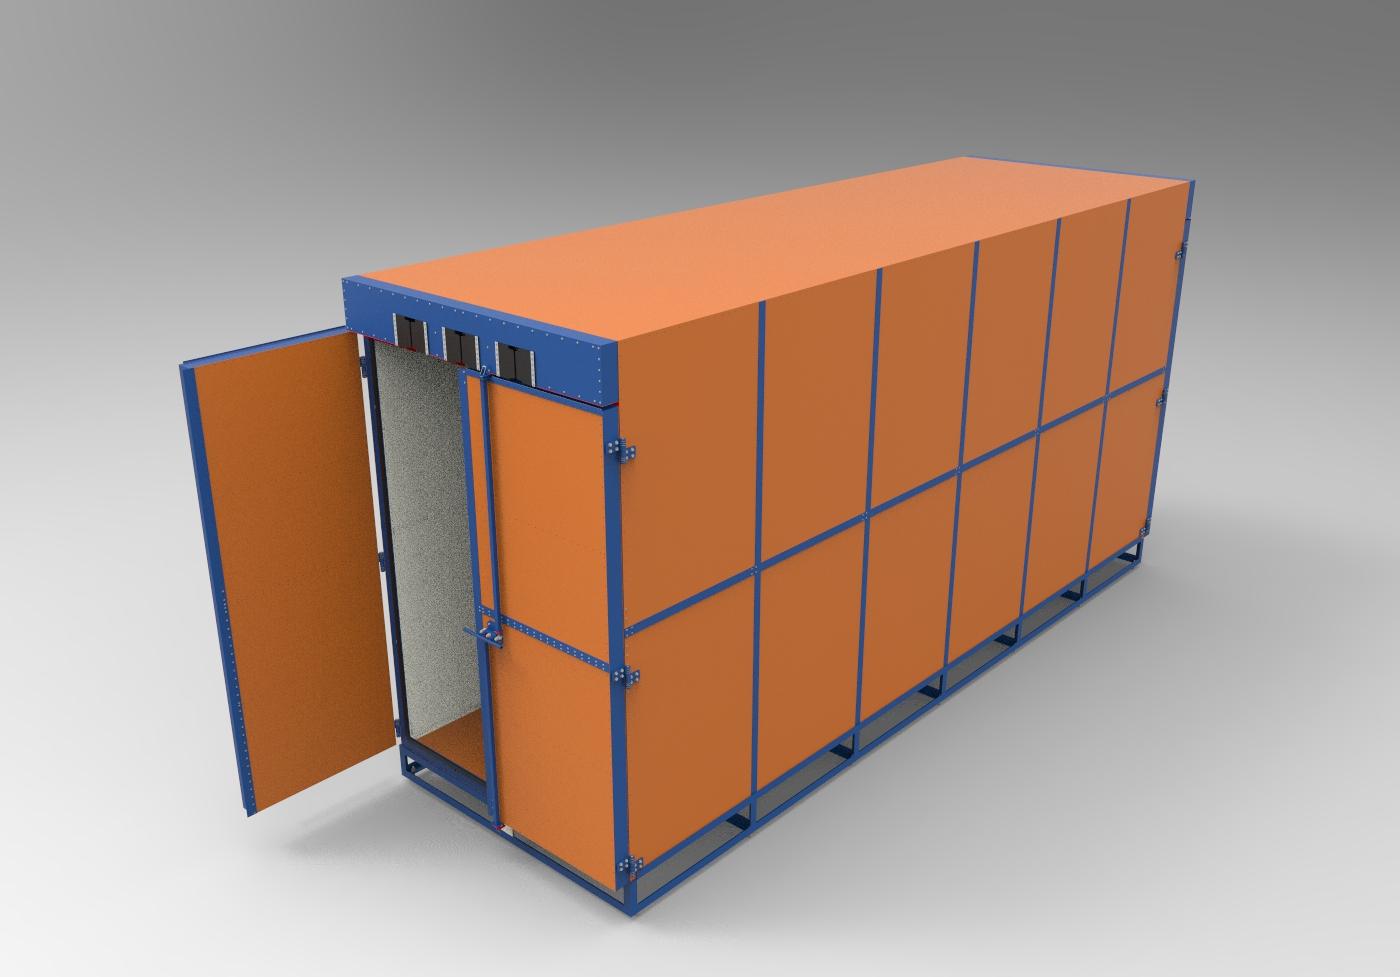 Камера полимеризации 3D-модель и чертежи